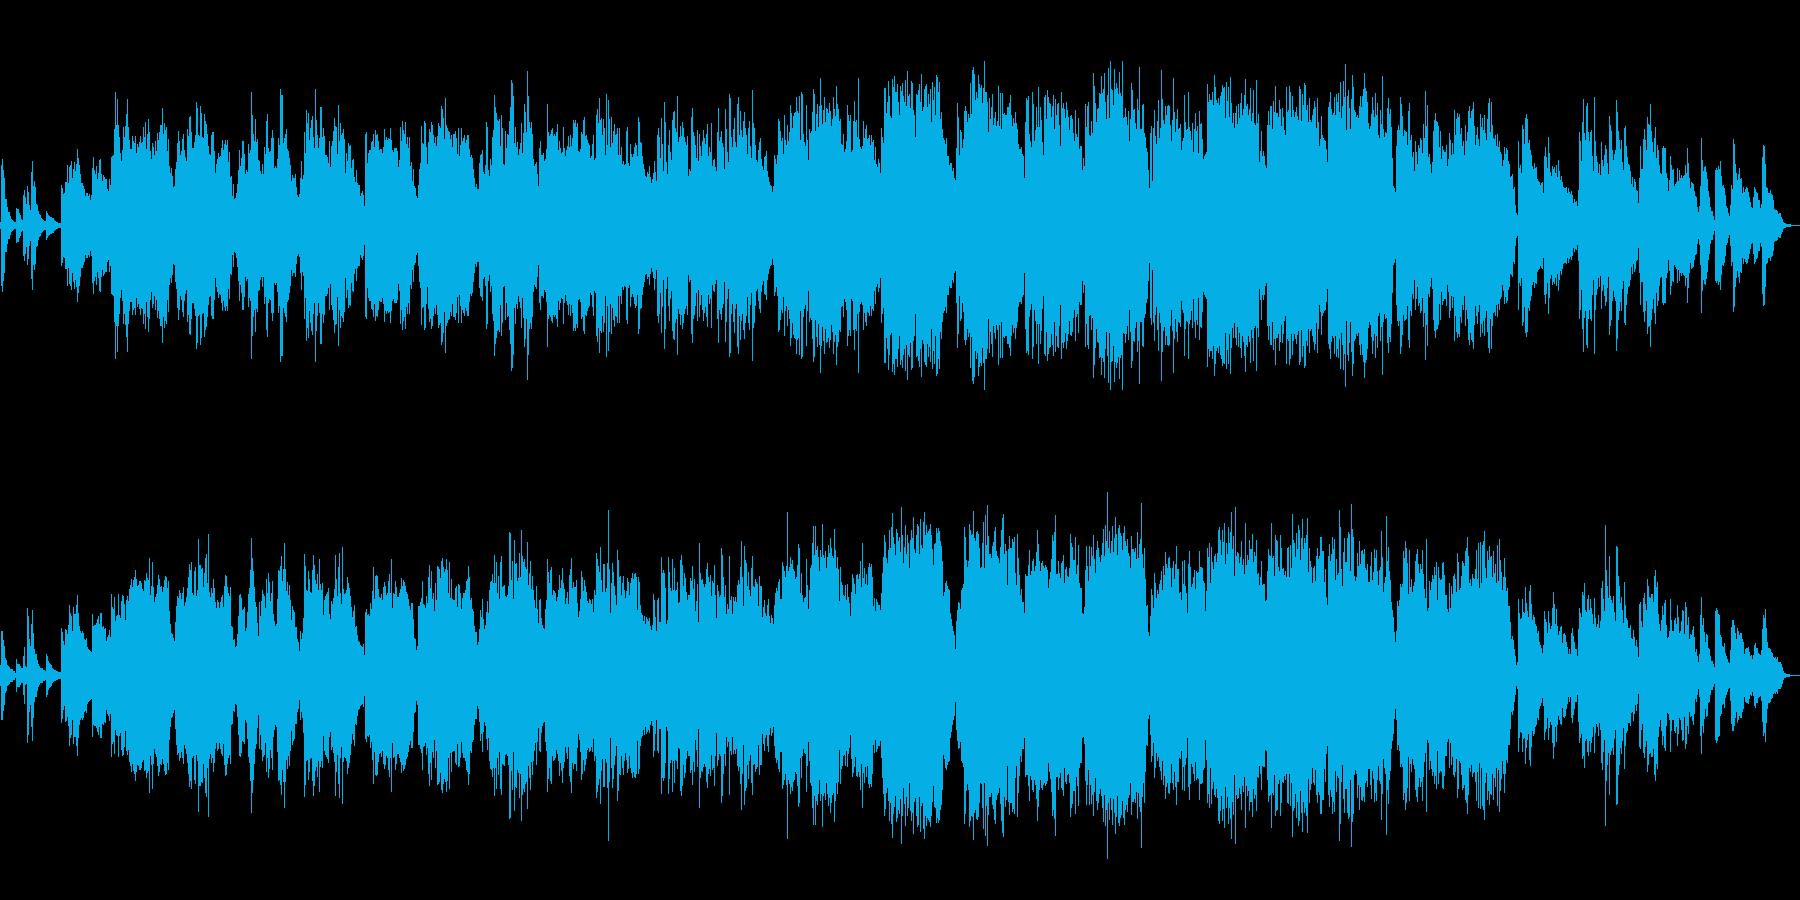 生演奏・優しく感動的なフルートのバラードの再生済みの波形